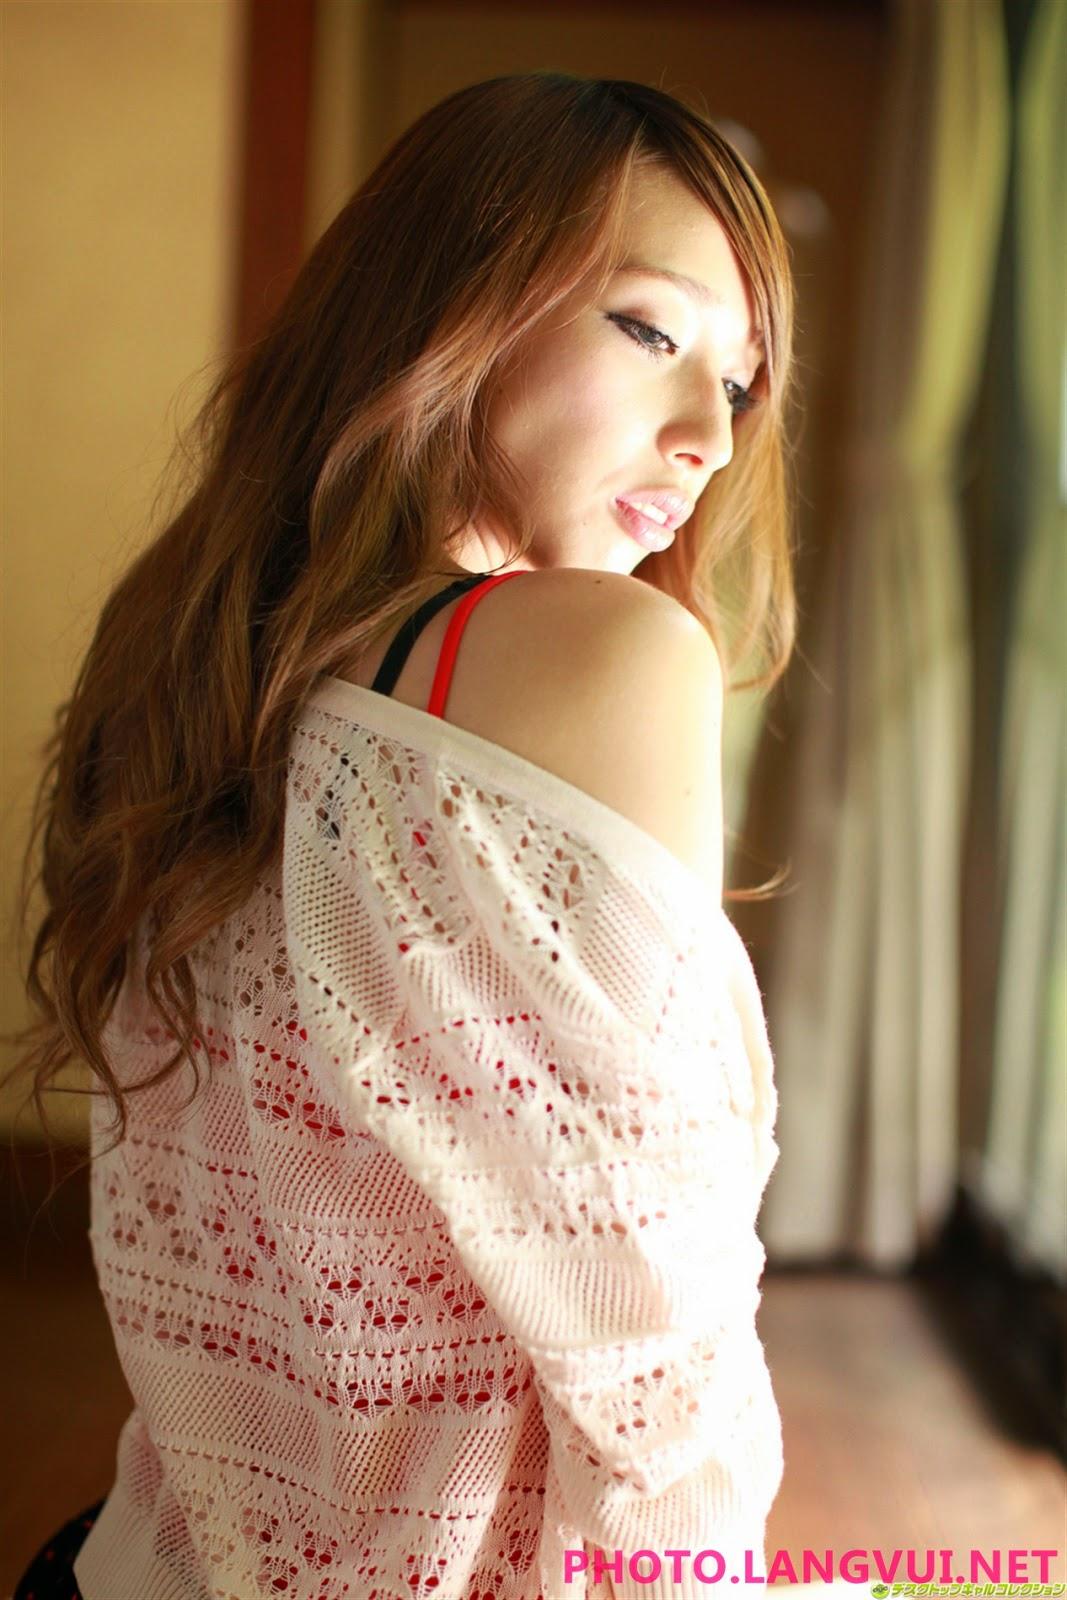 DGC No-1069 Riho Hasegawa - Ảnh Girl Xinh - photo.langvui.net